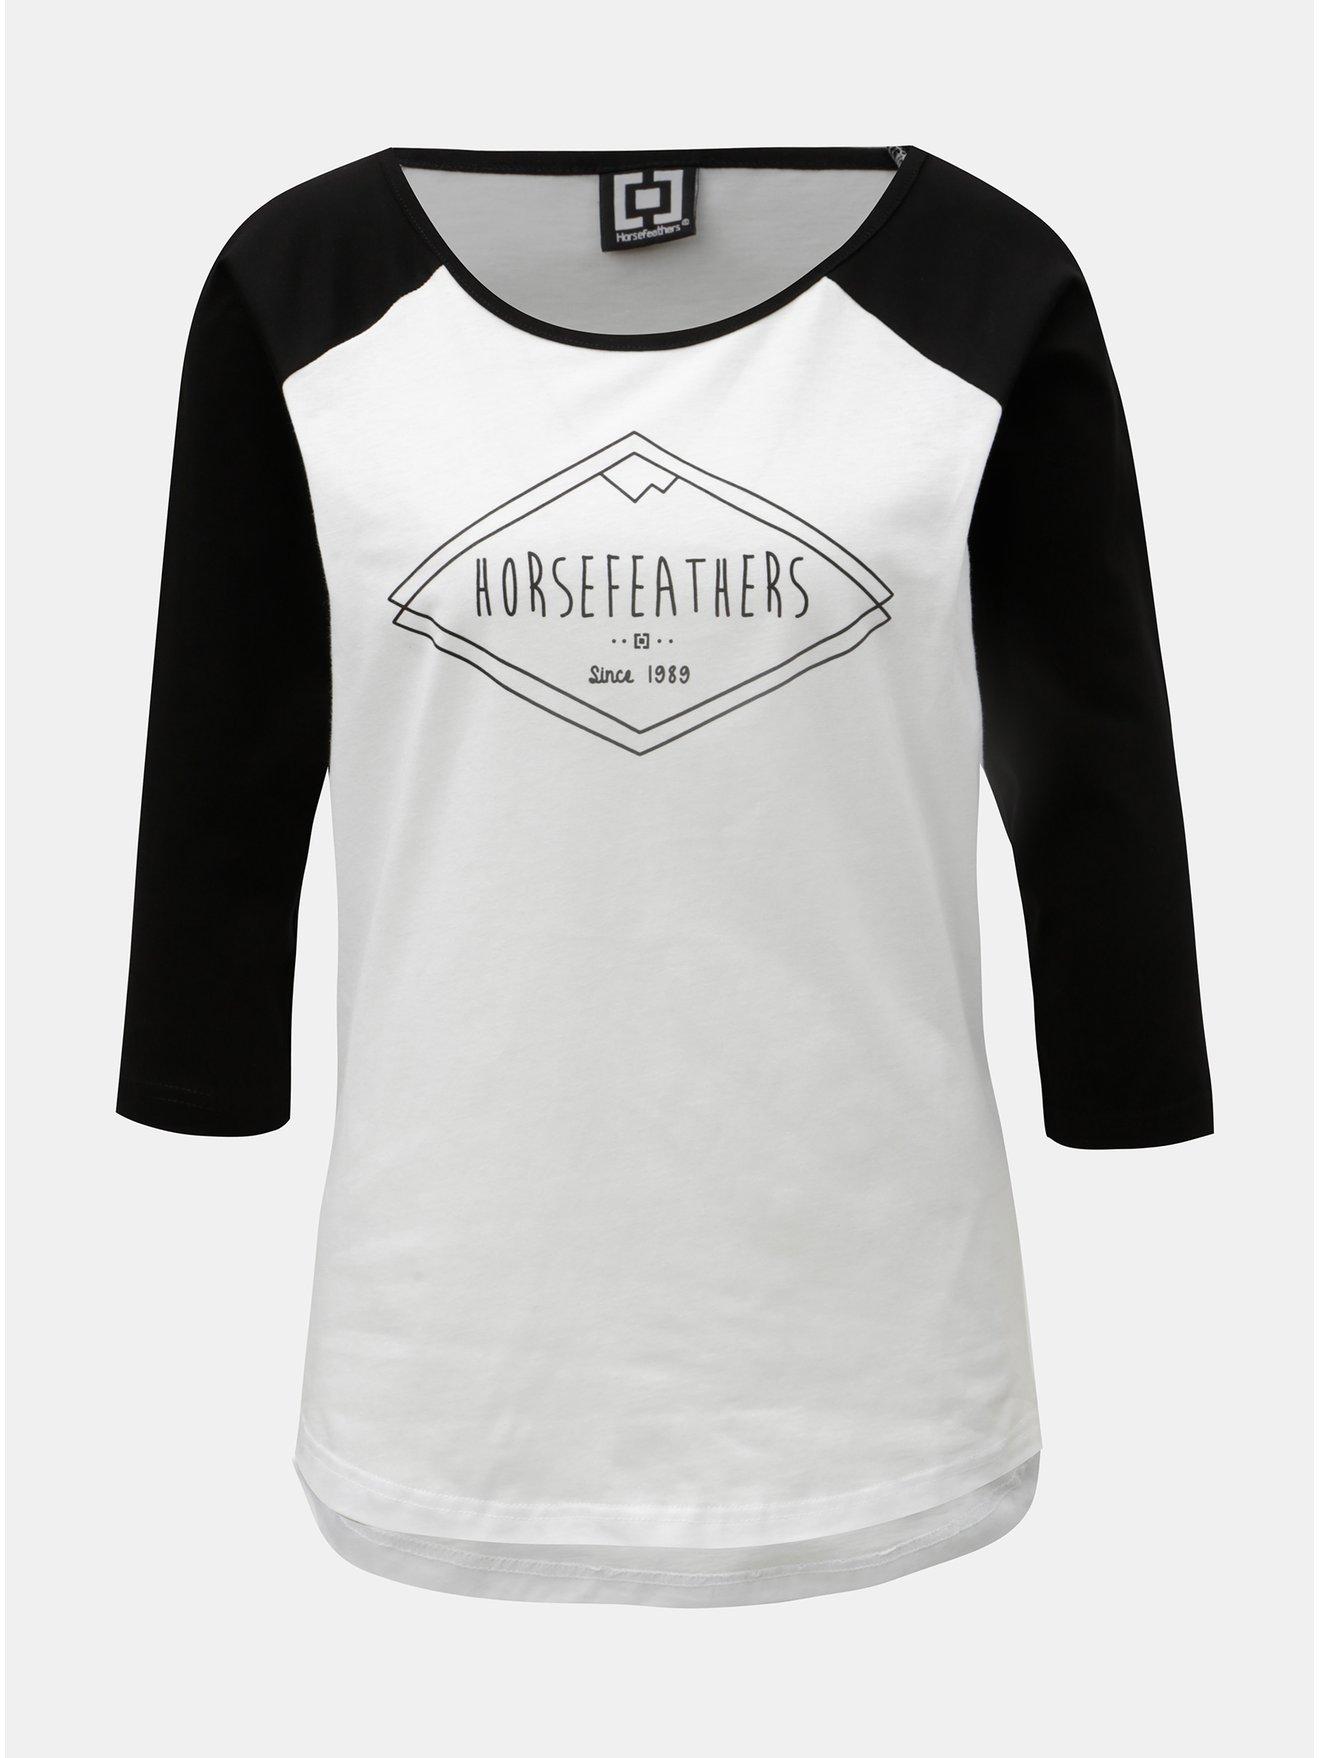 Fotografie Černo-bílé dámské tričko s 3/4 rukávem a potiskem Horsefeathers Neve